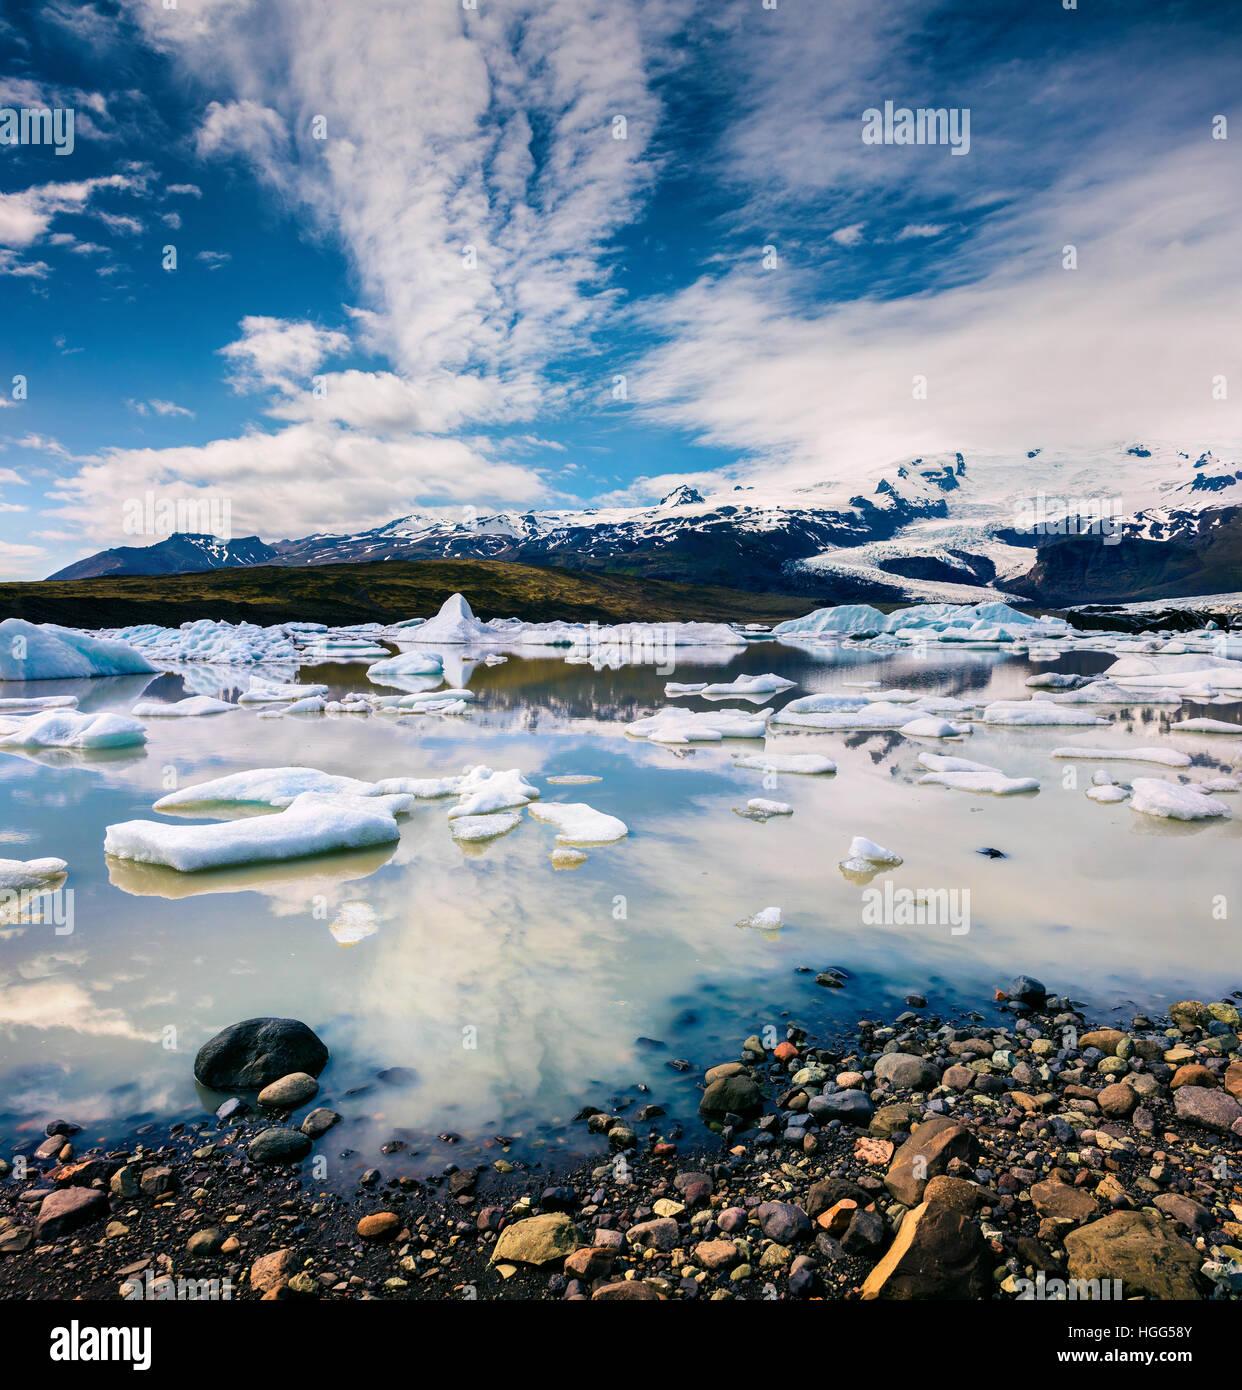 Cuadro de hielo flotante en la laguna glacial Fjallsarlon. Mañana soleada en el Parque Nacional Vatnajokull, Imagen De Stock